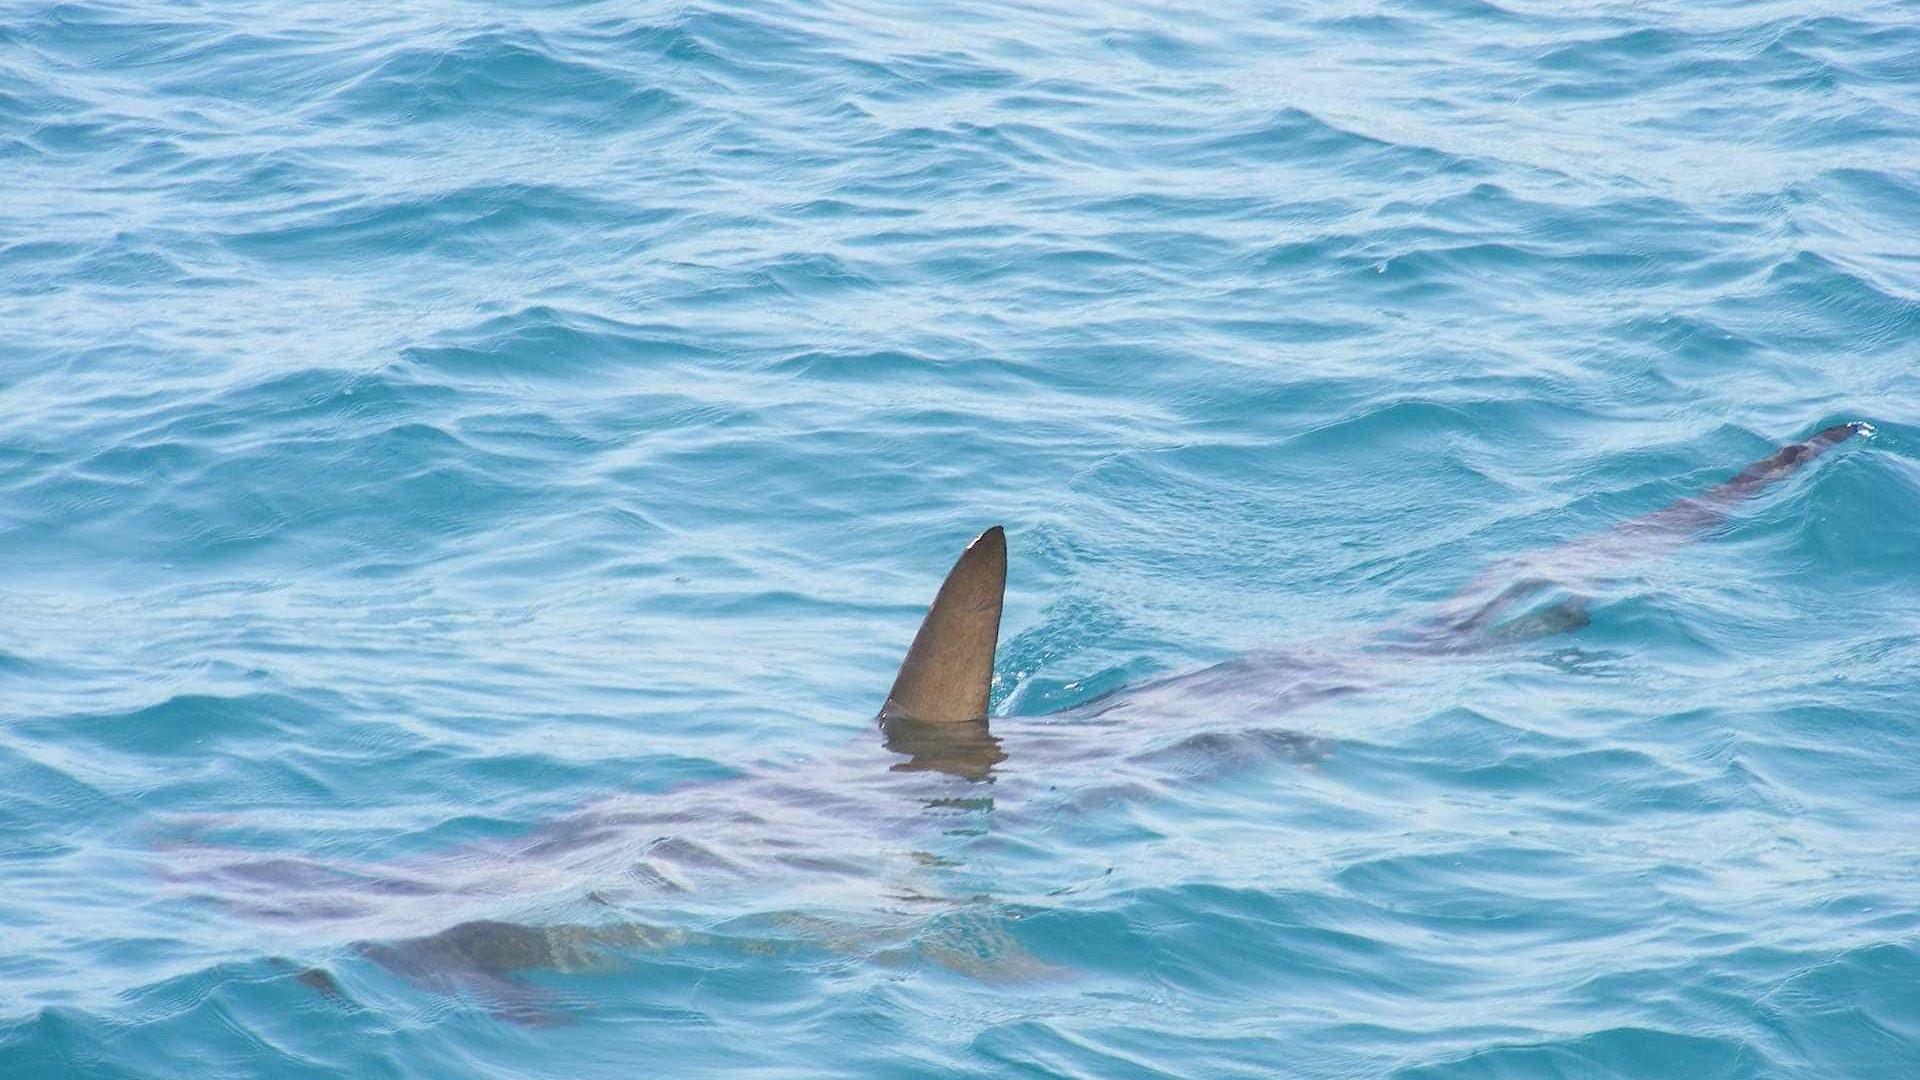 Morre jovem atacado por tubarão em praia no Grande Recife